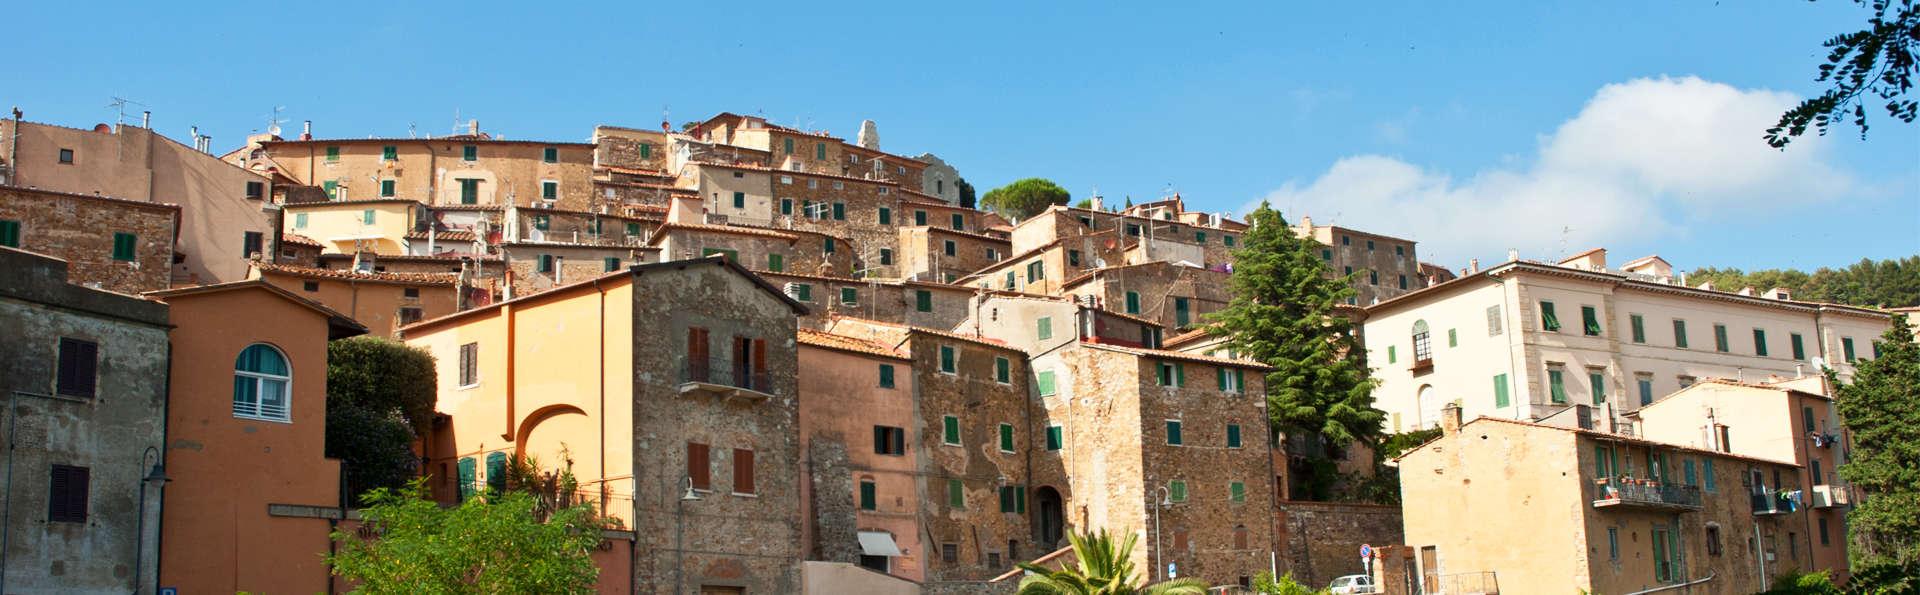 Antico Borgo Casalappi - edit_campiglia-marittima3.jpg